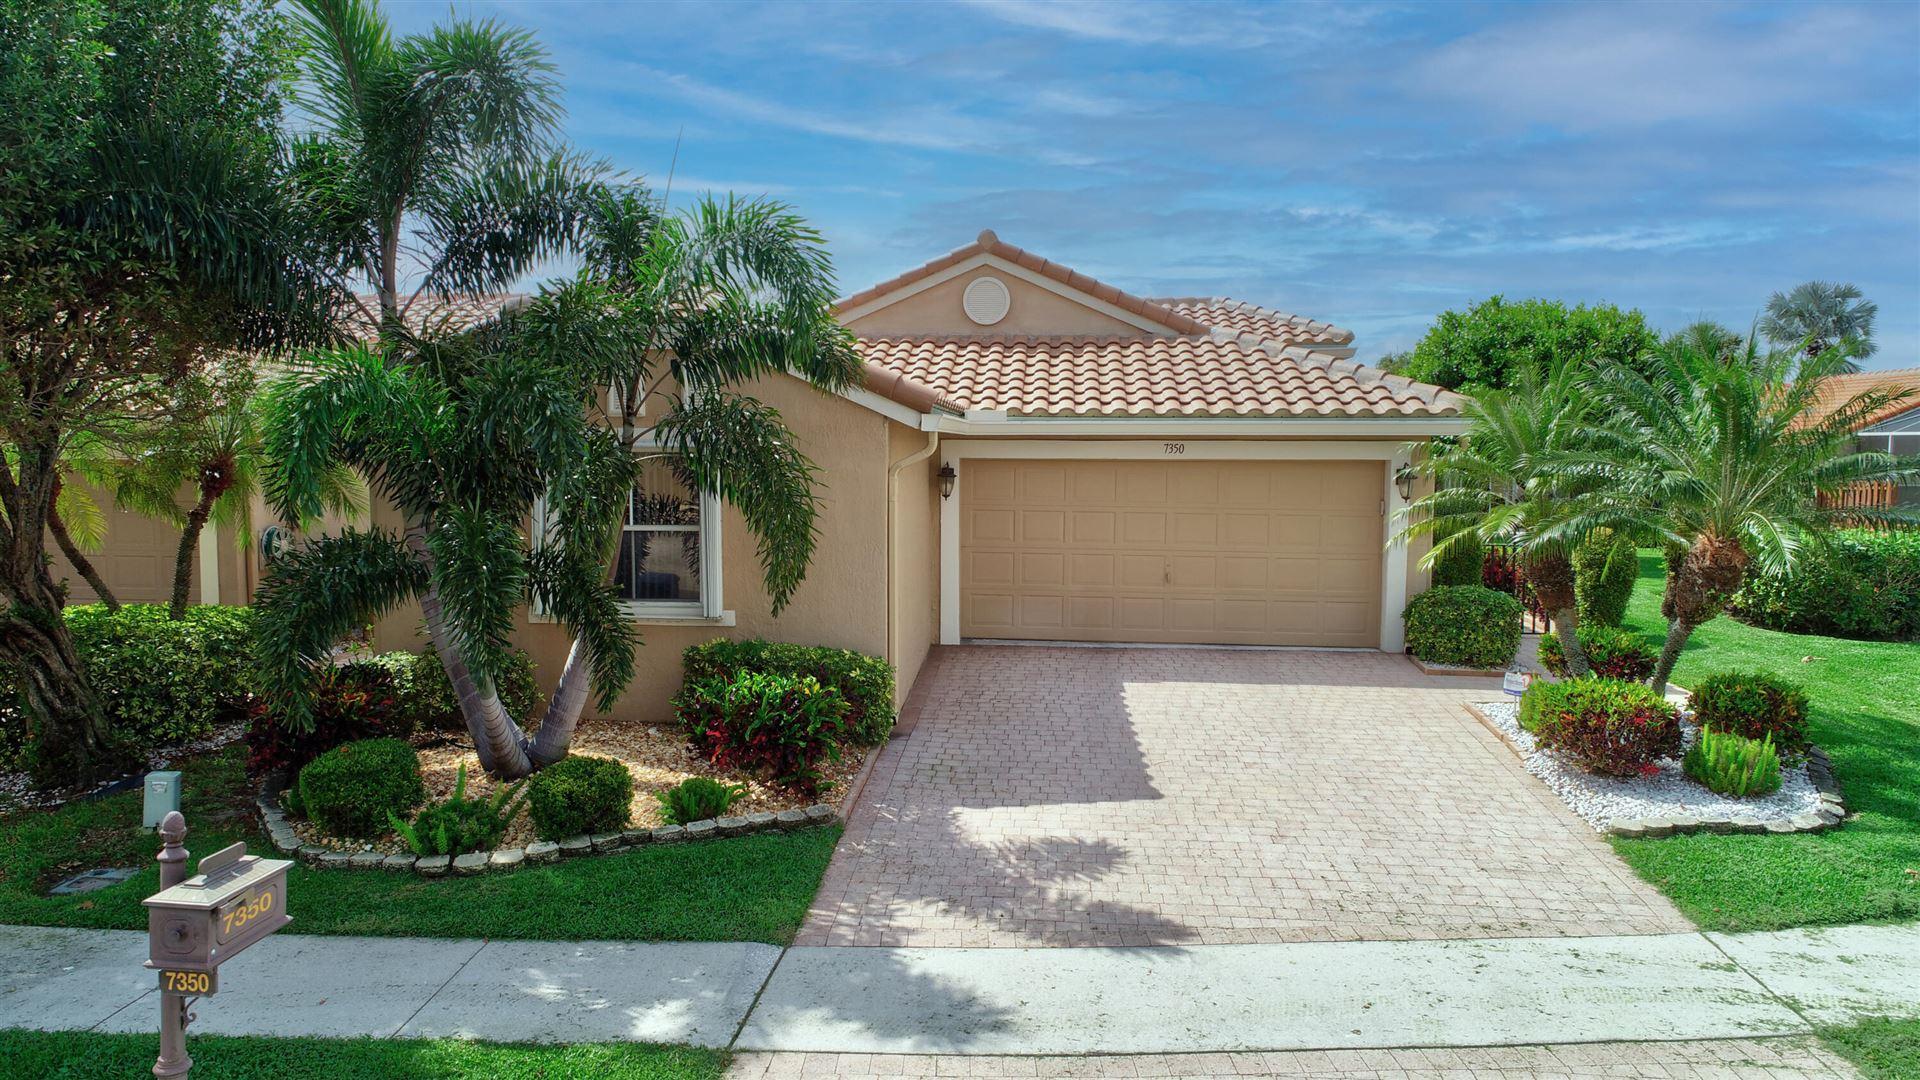 7350 Chorale Road, Boynton Beach, FL 33437 - #: RX-10696729